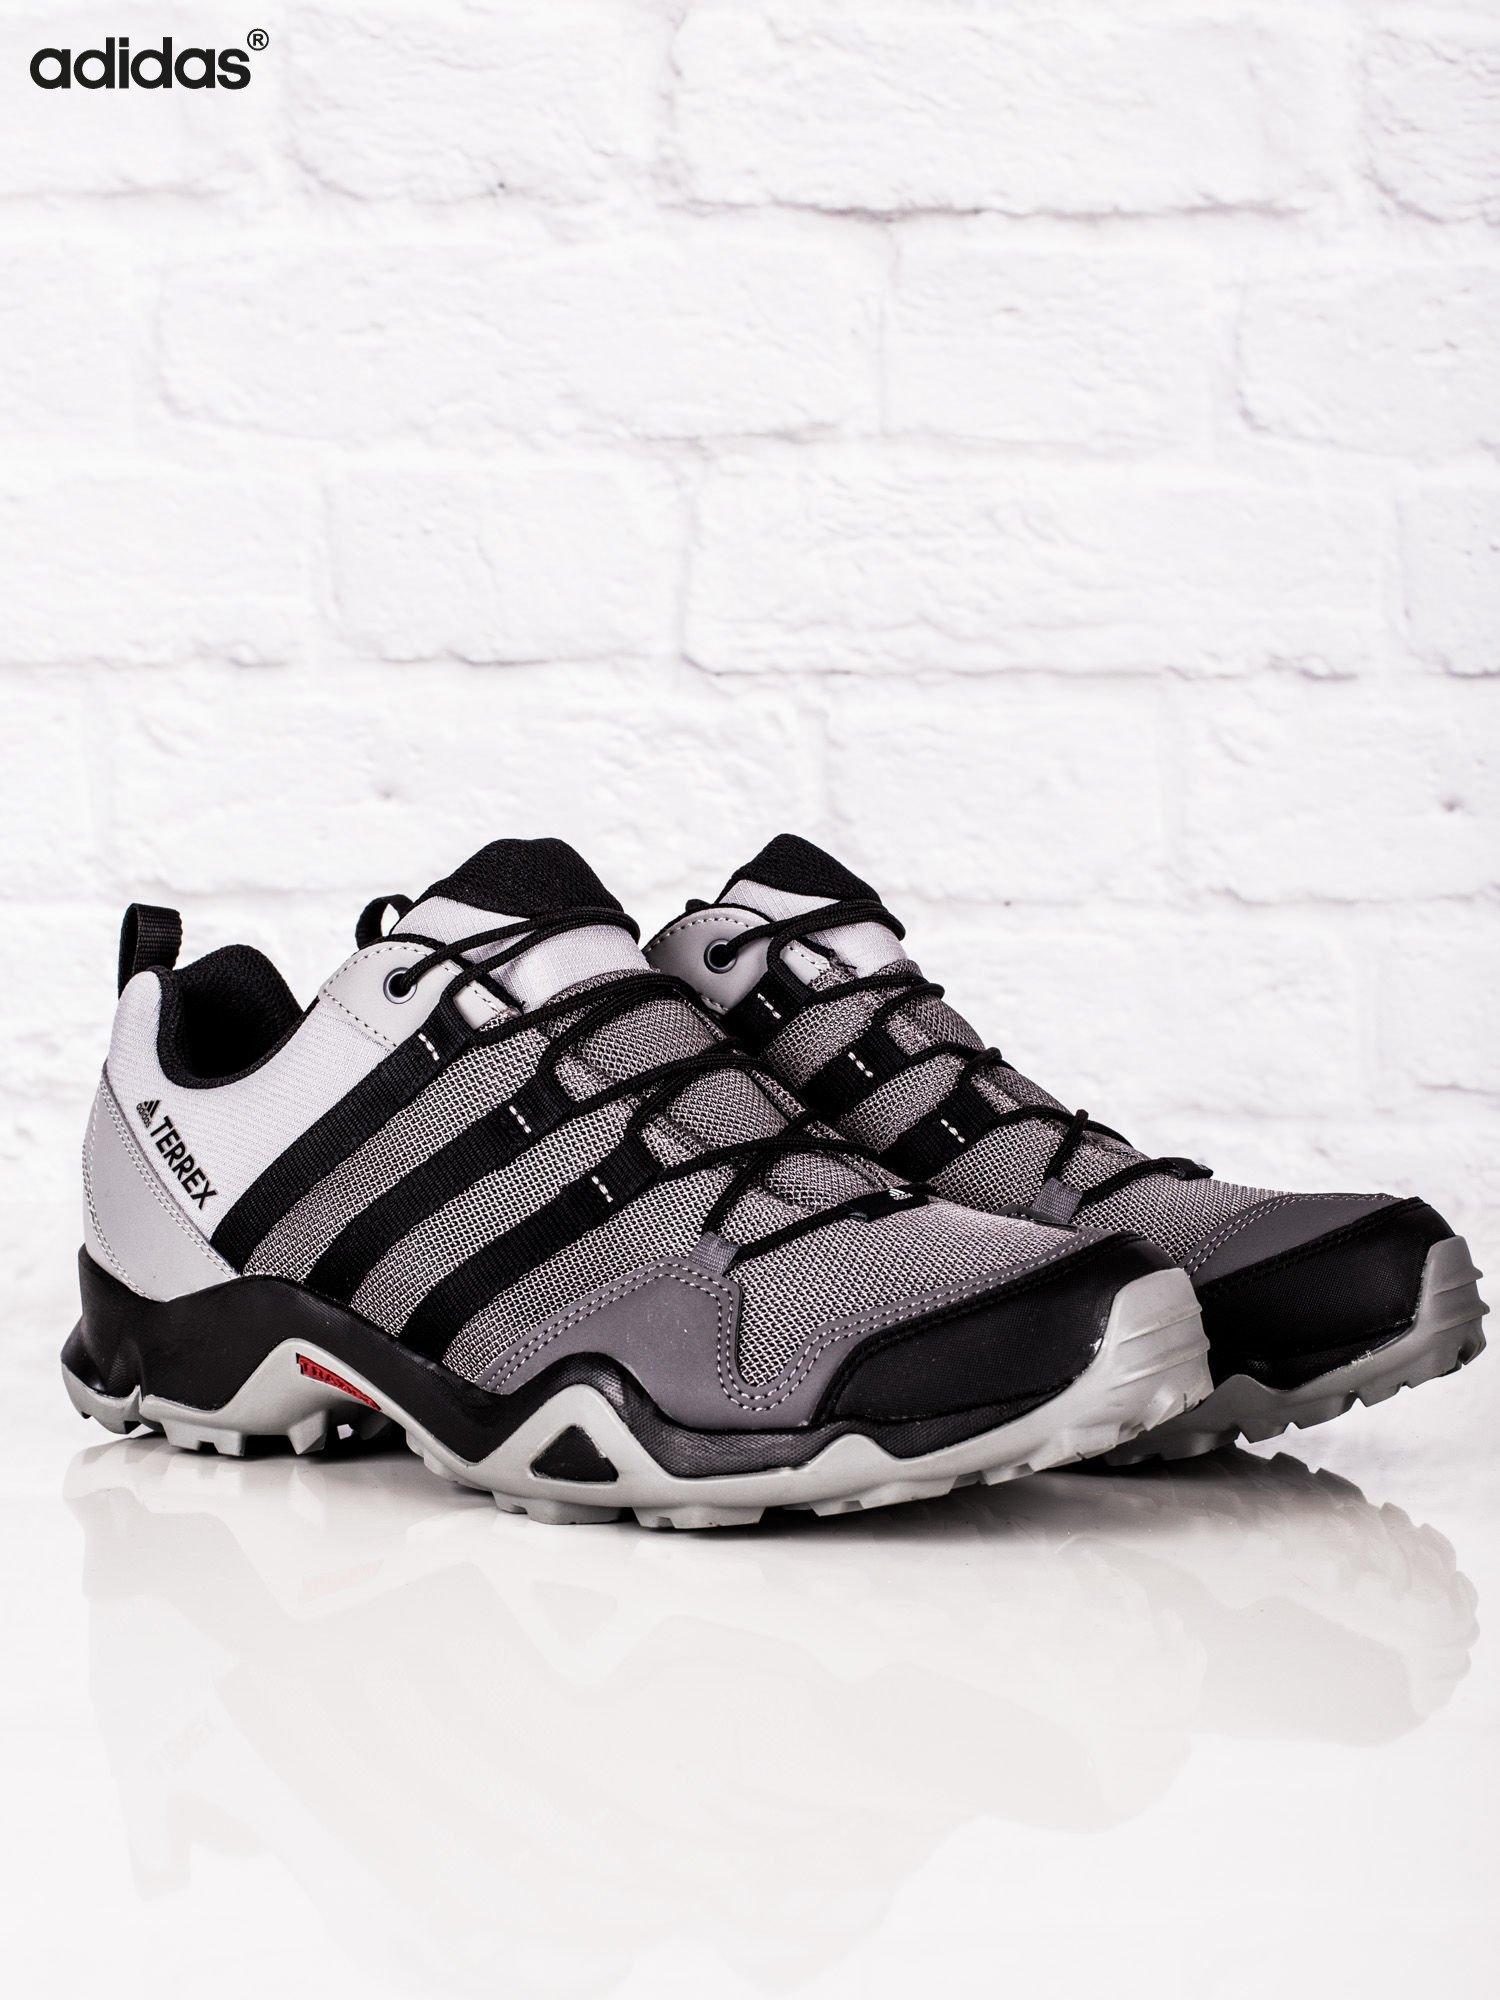 buty adidas szare i czarne meskie